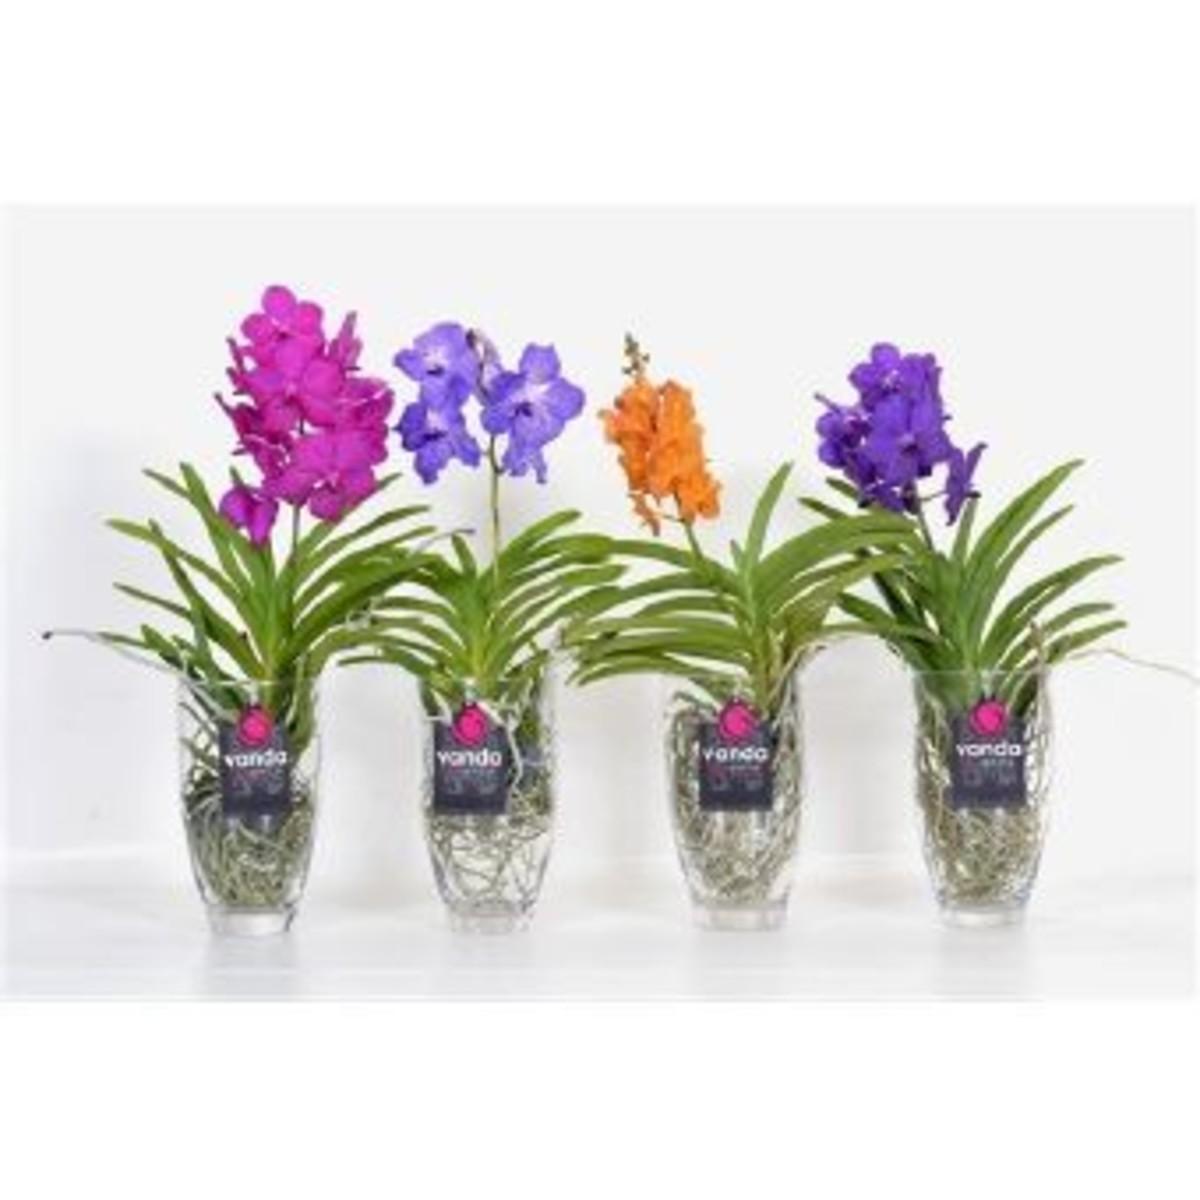 Орхидея Ванда Микс В Стекле D15 H40